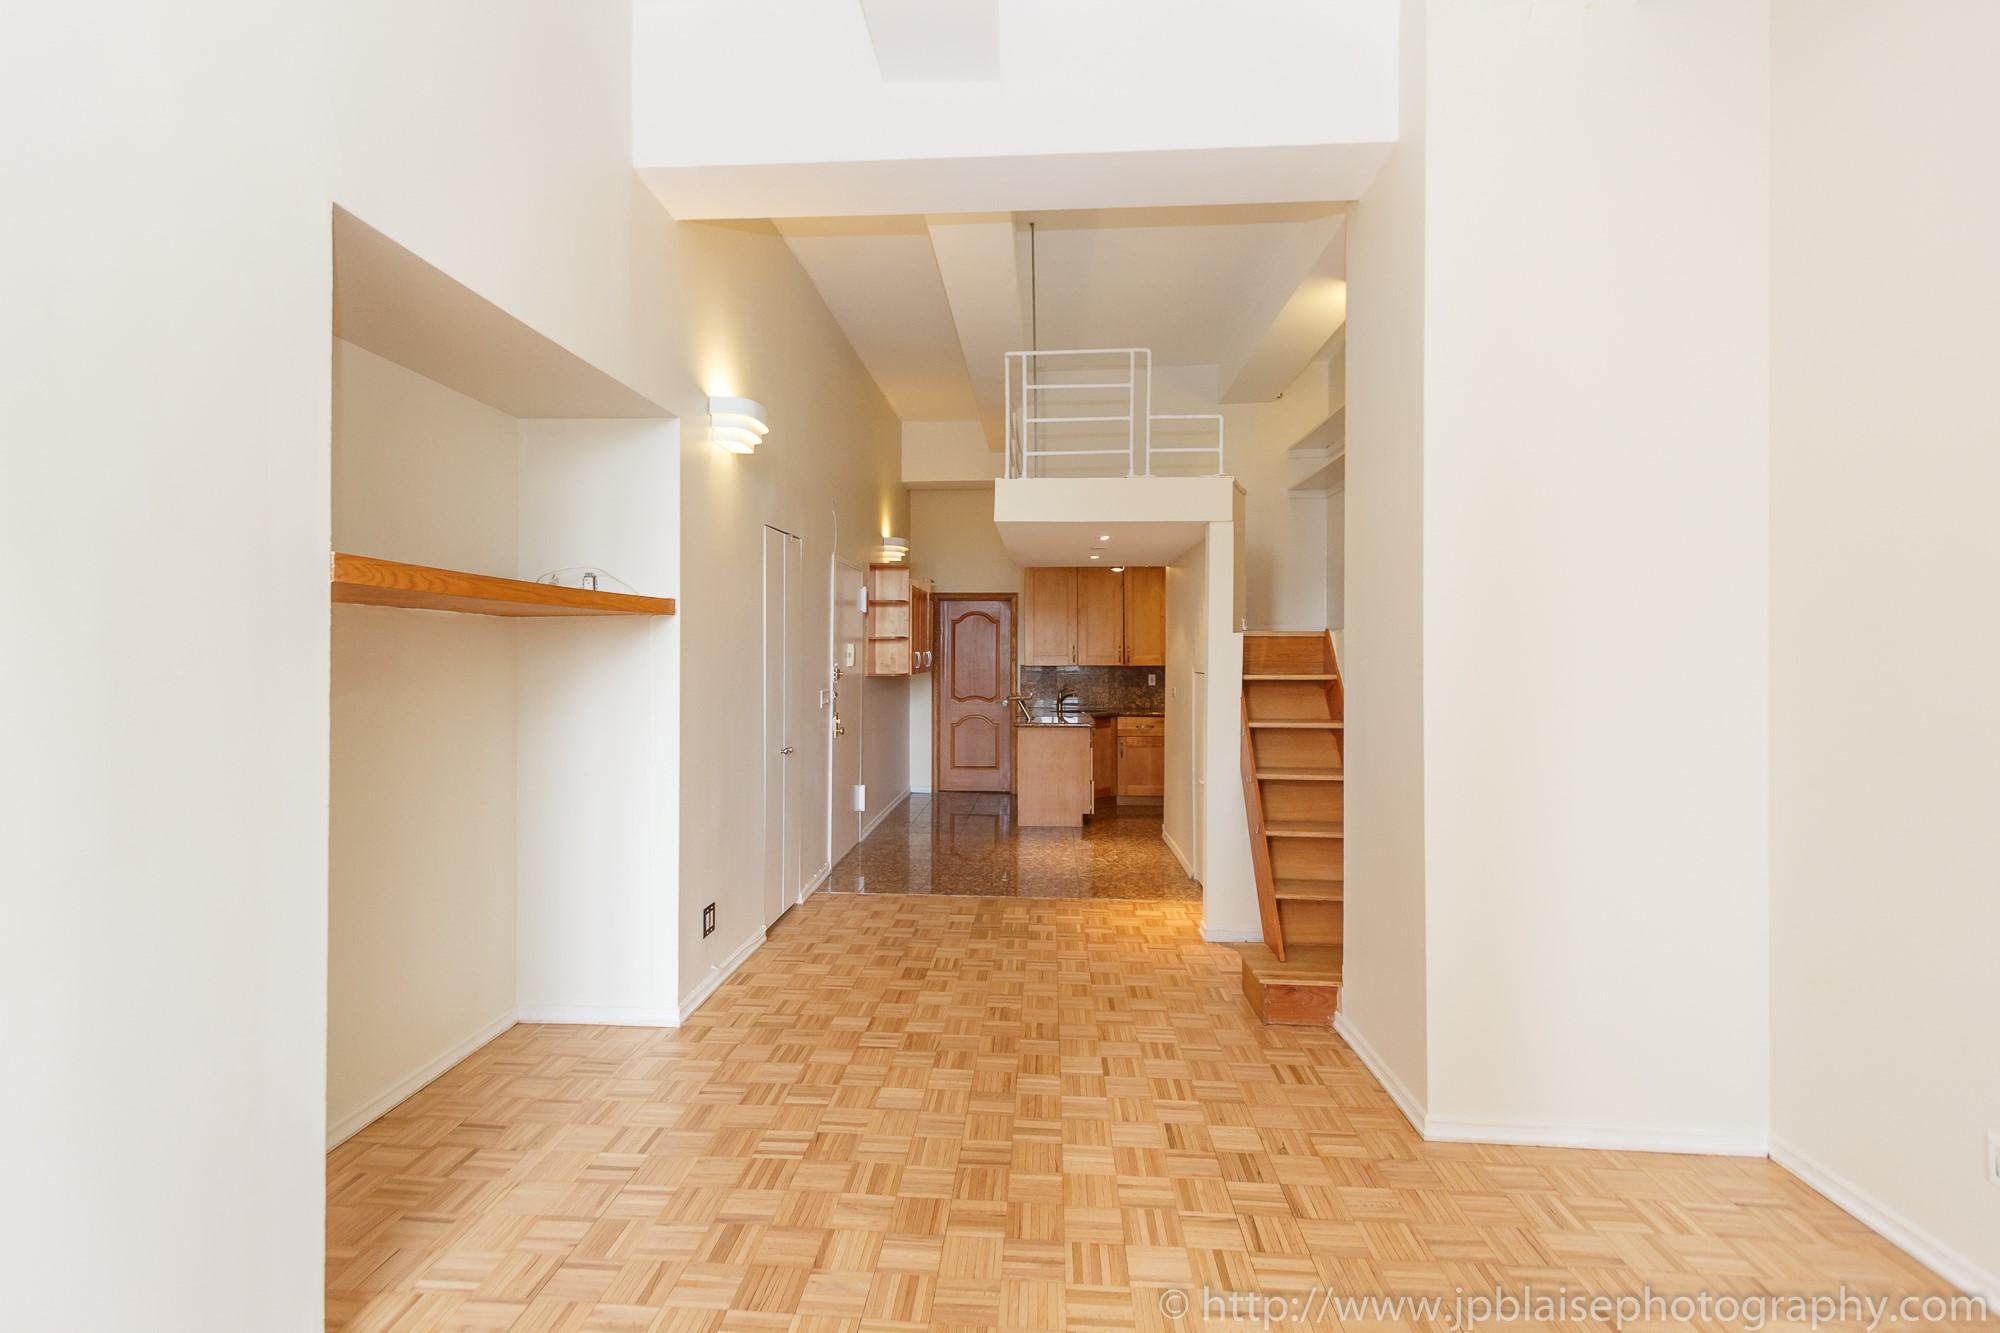 New York City apartment photographer Midtown East One Bedroom unit mezzanine